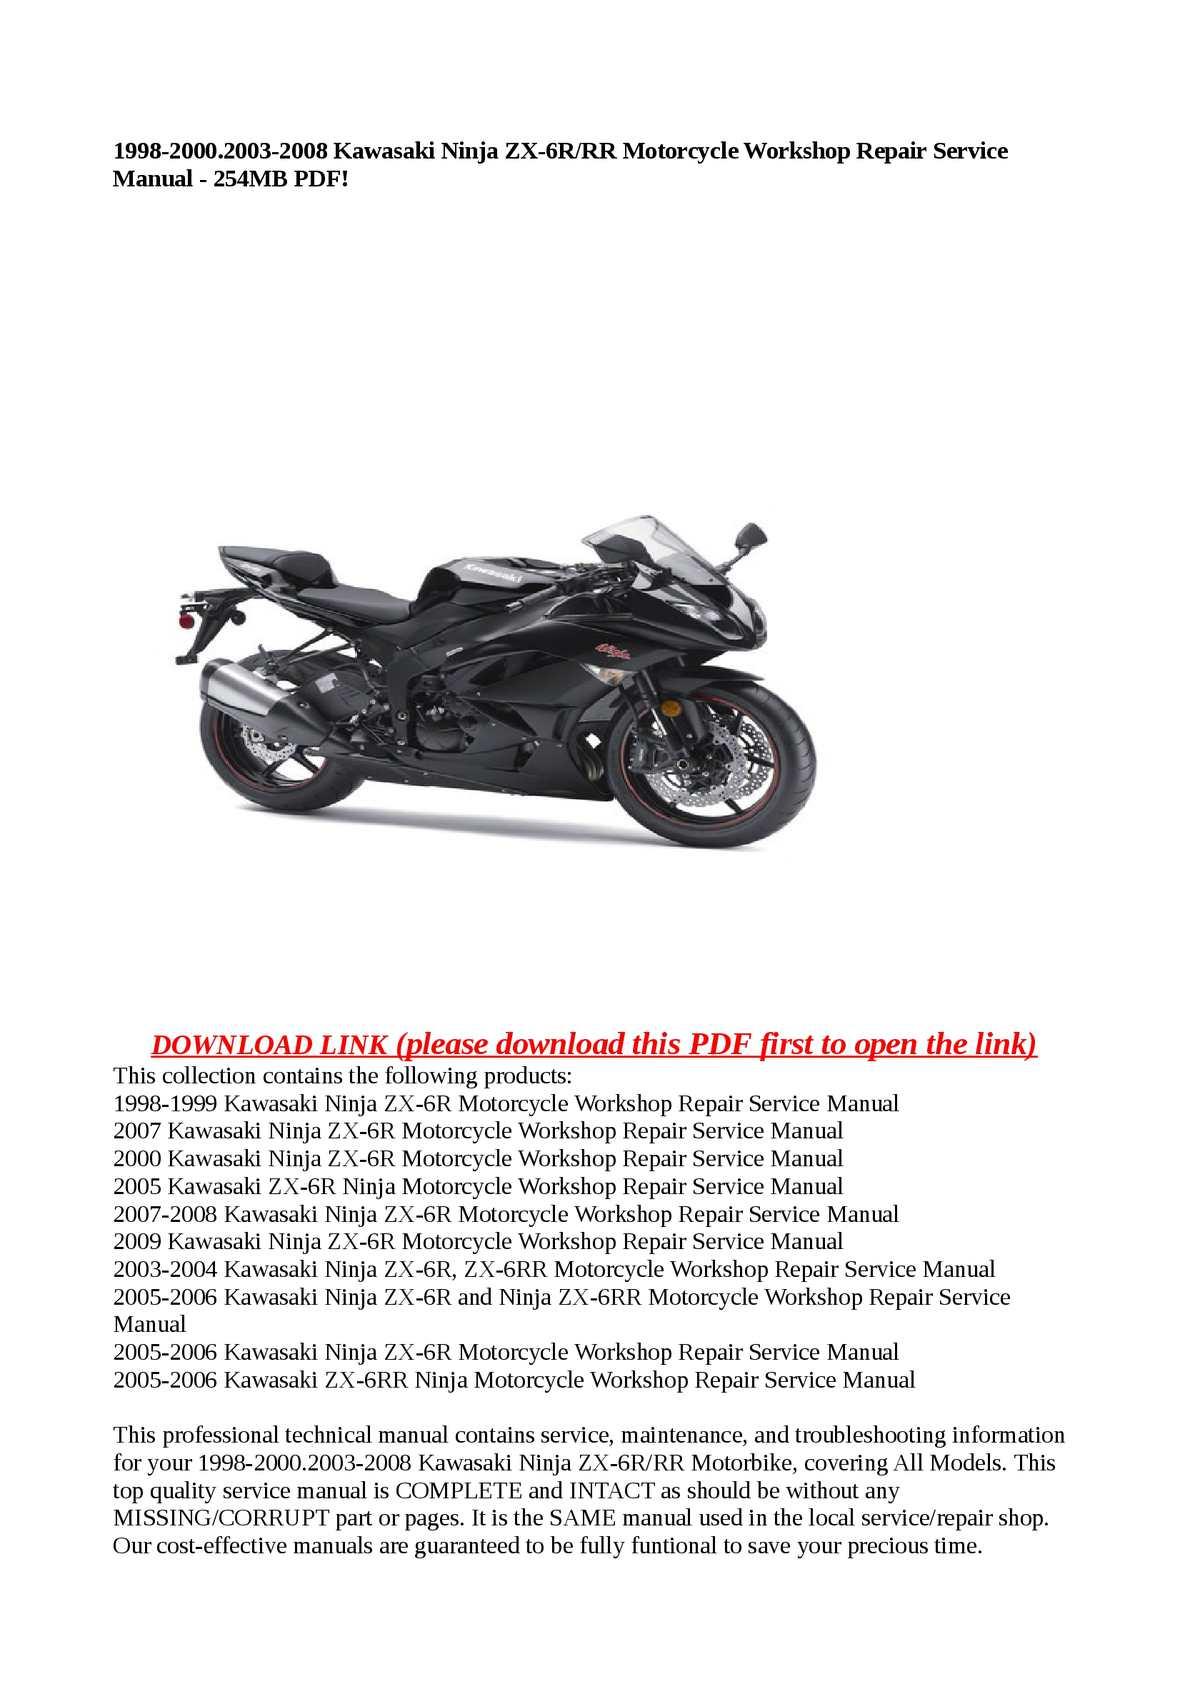 Calameo 1998 2000 2003 2008 Kawasaki Ninja Zx 6r Rr Motorcycle Worksho